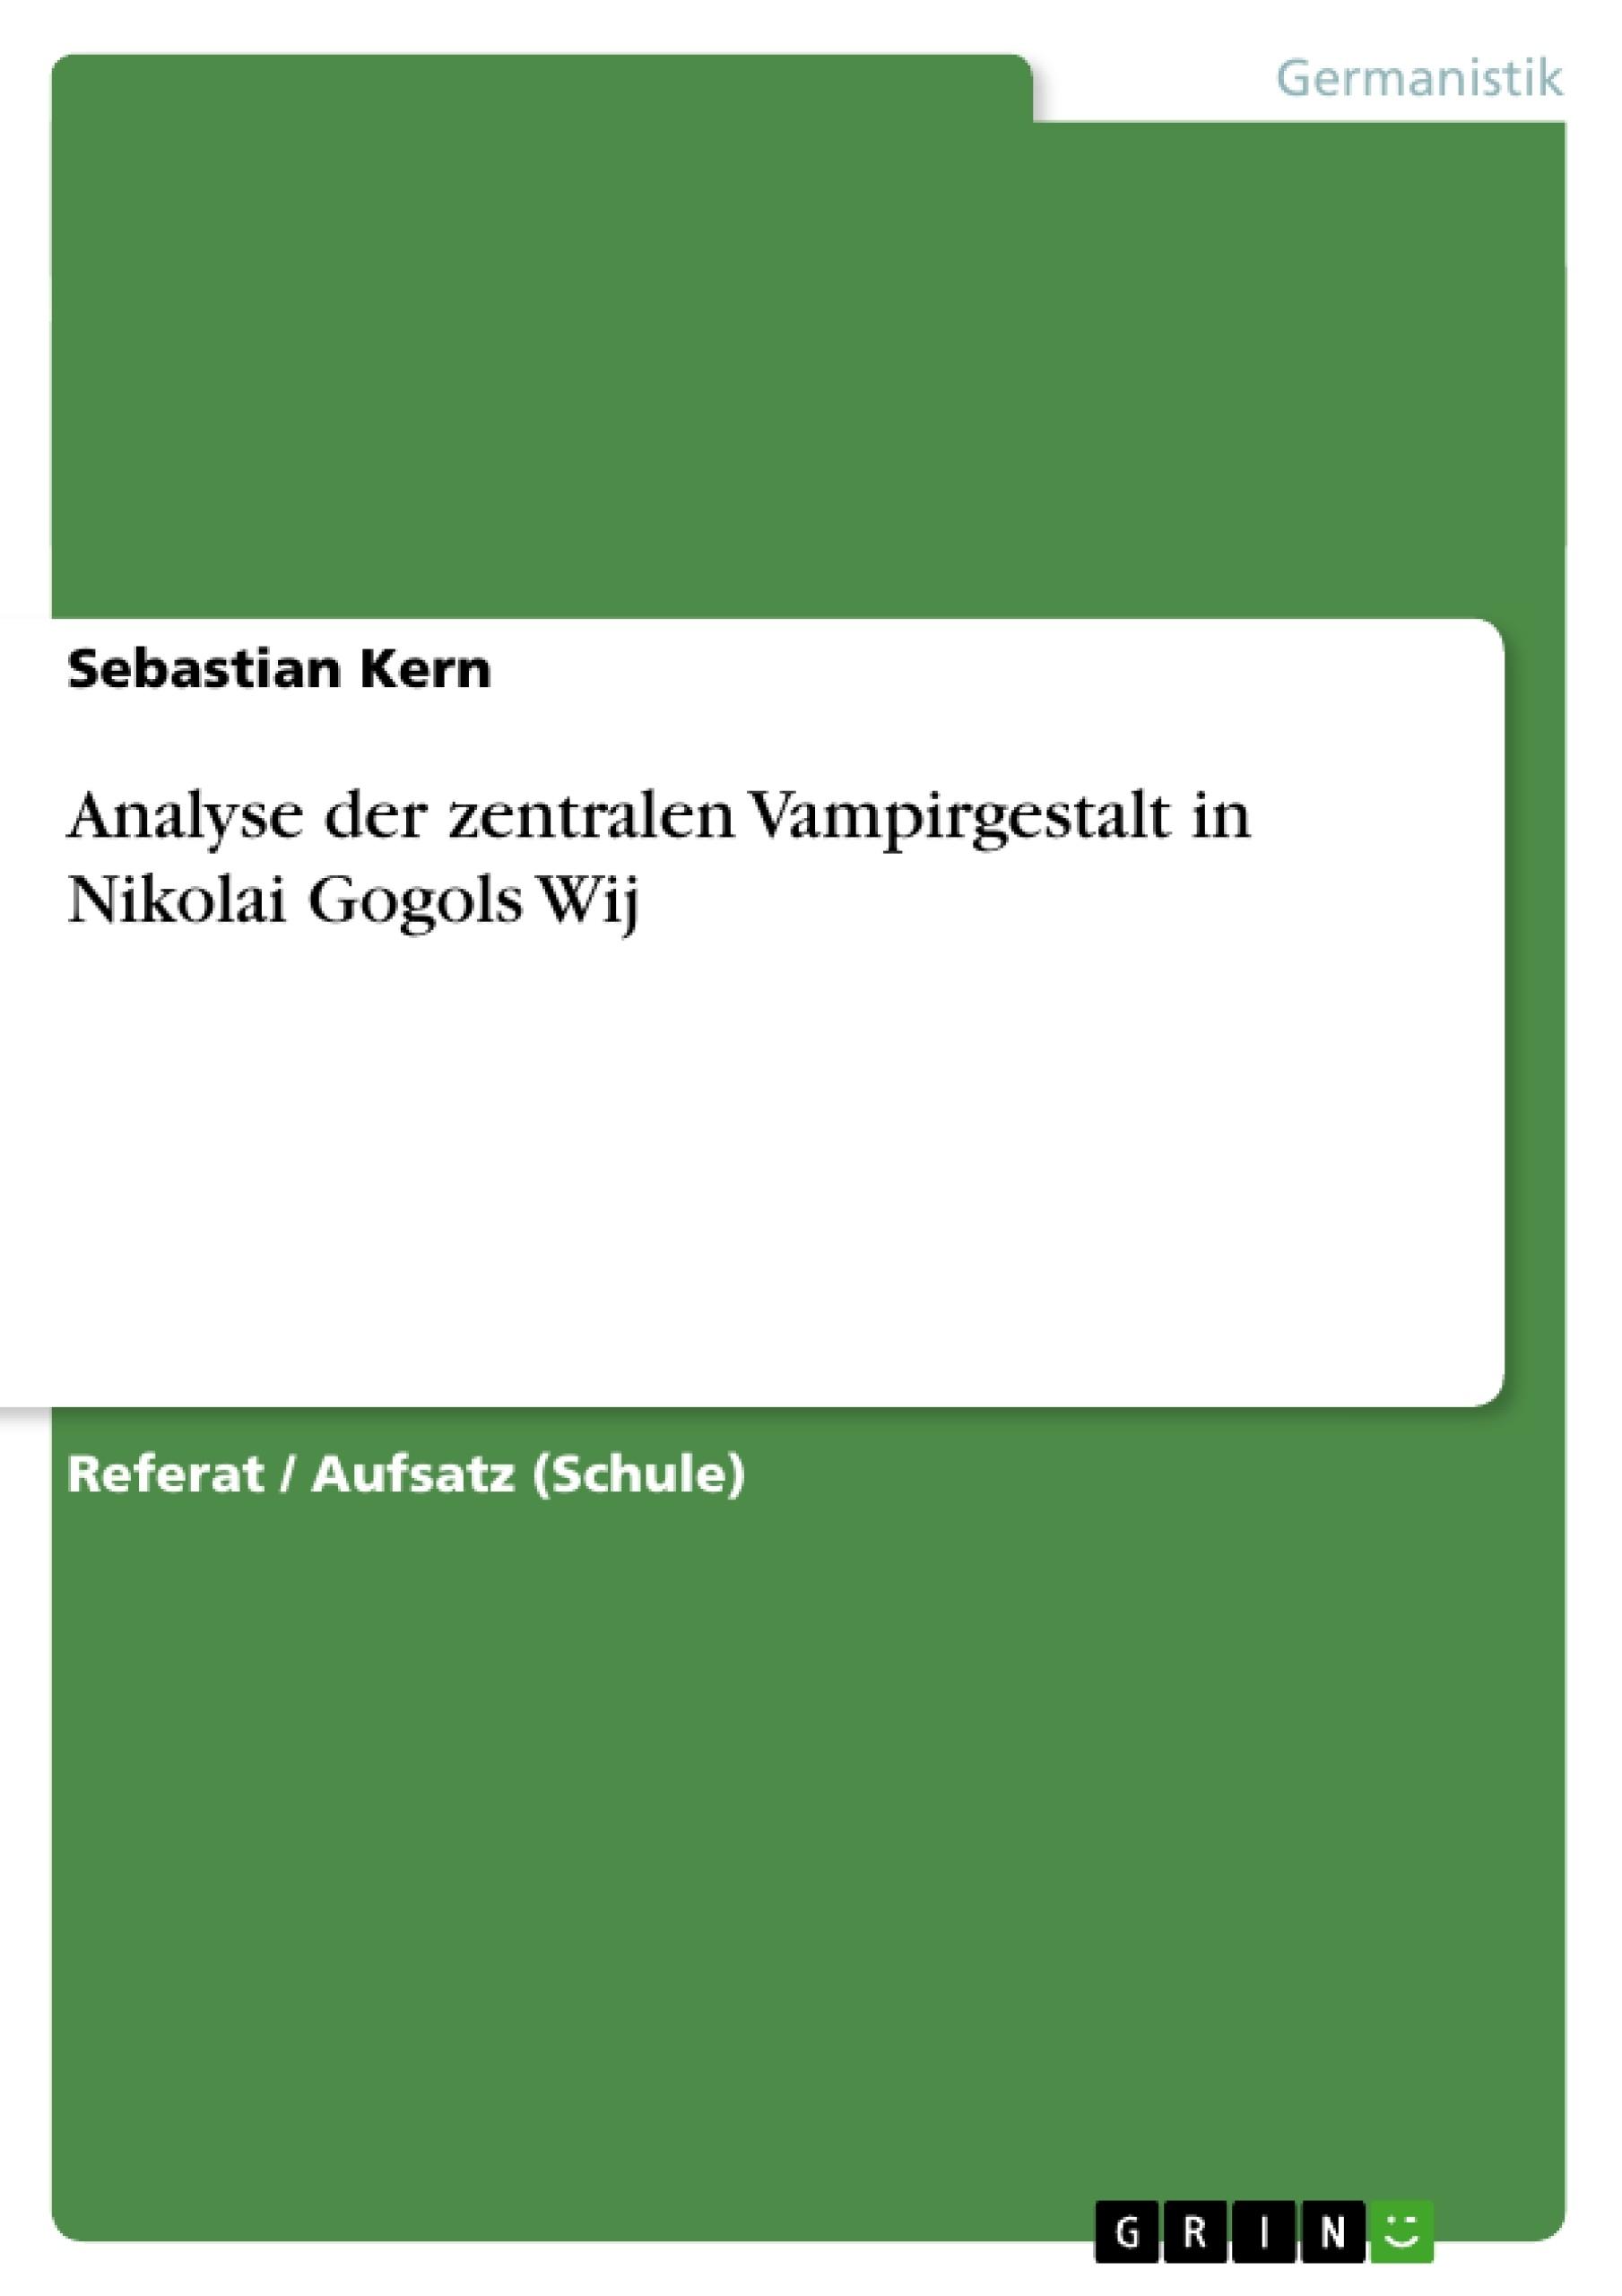 Titel: Analyse der zentralen Vampirgestalt in Nikolai Gogols Wij